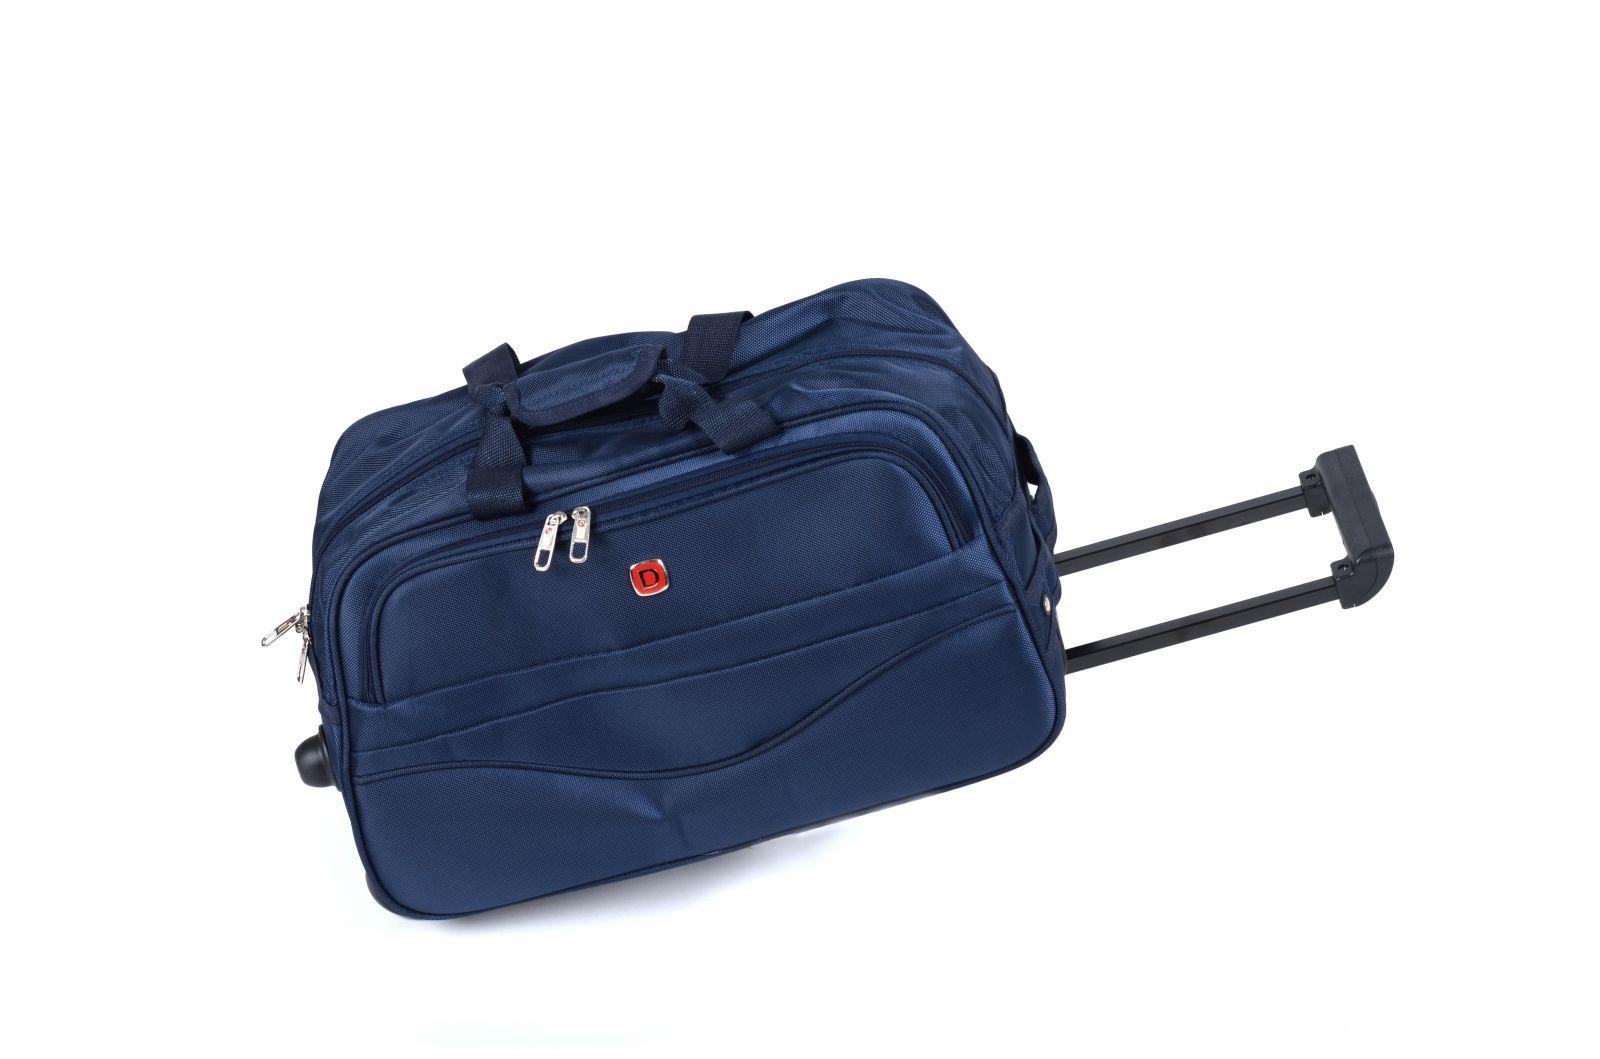 9de712a823c Cestovní tašky s kolečky